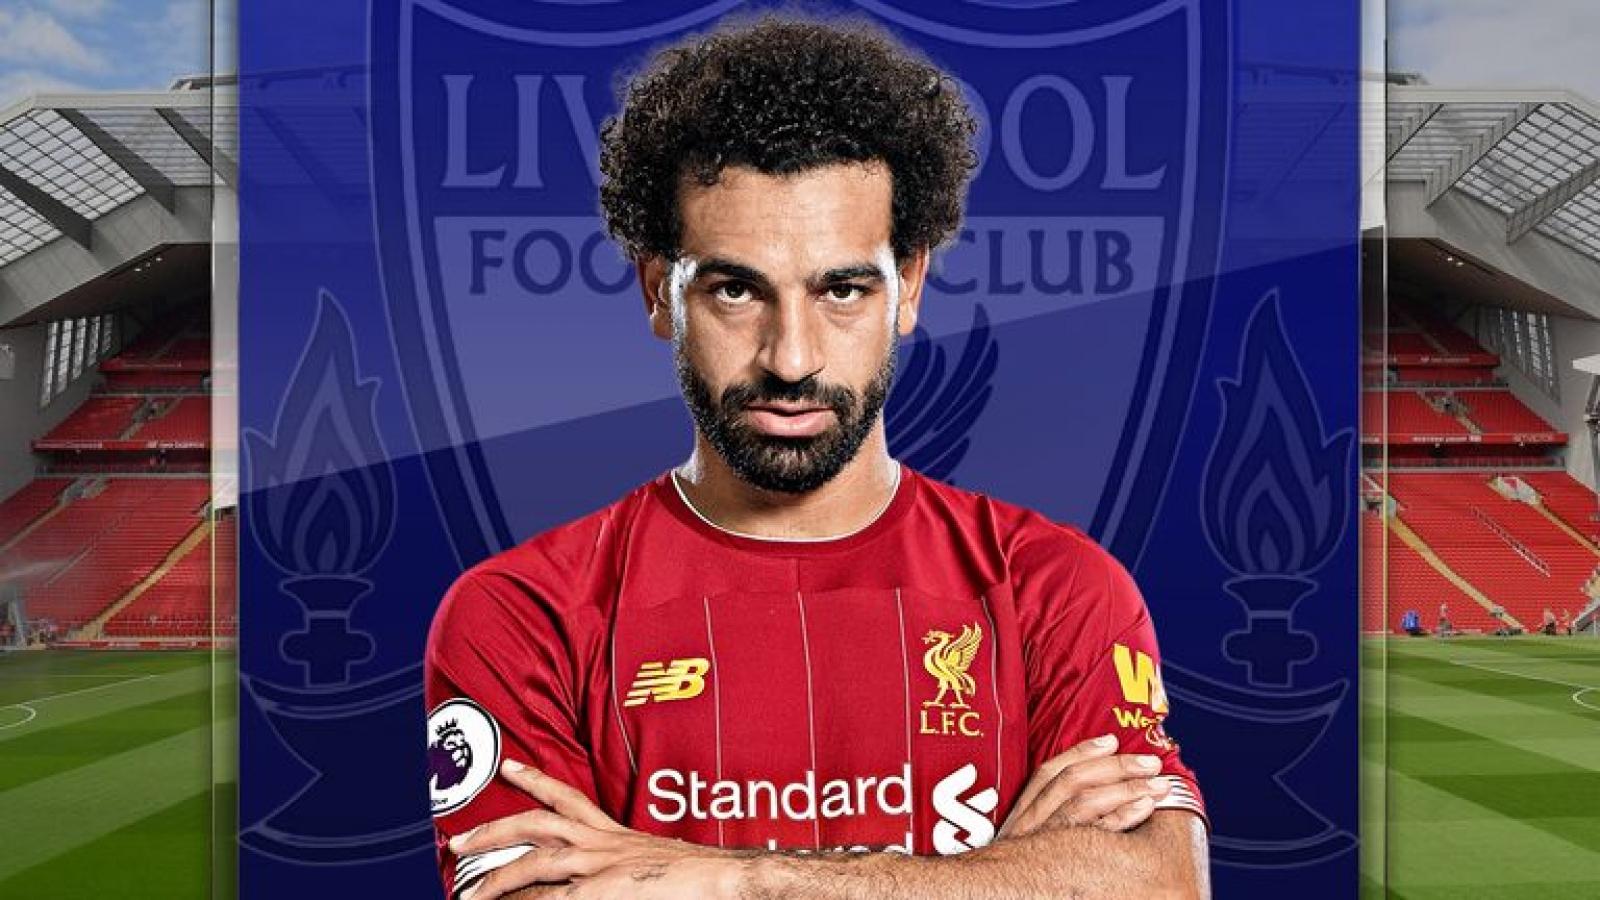 Đội hình dự kiến Liverpool - Crystal Palace: Mohamed Salah trở lại?